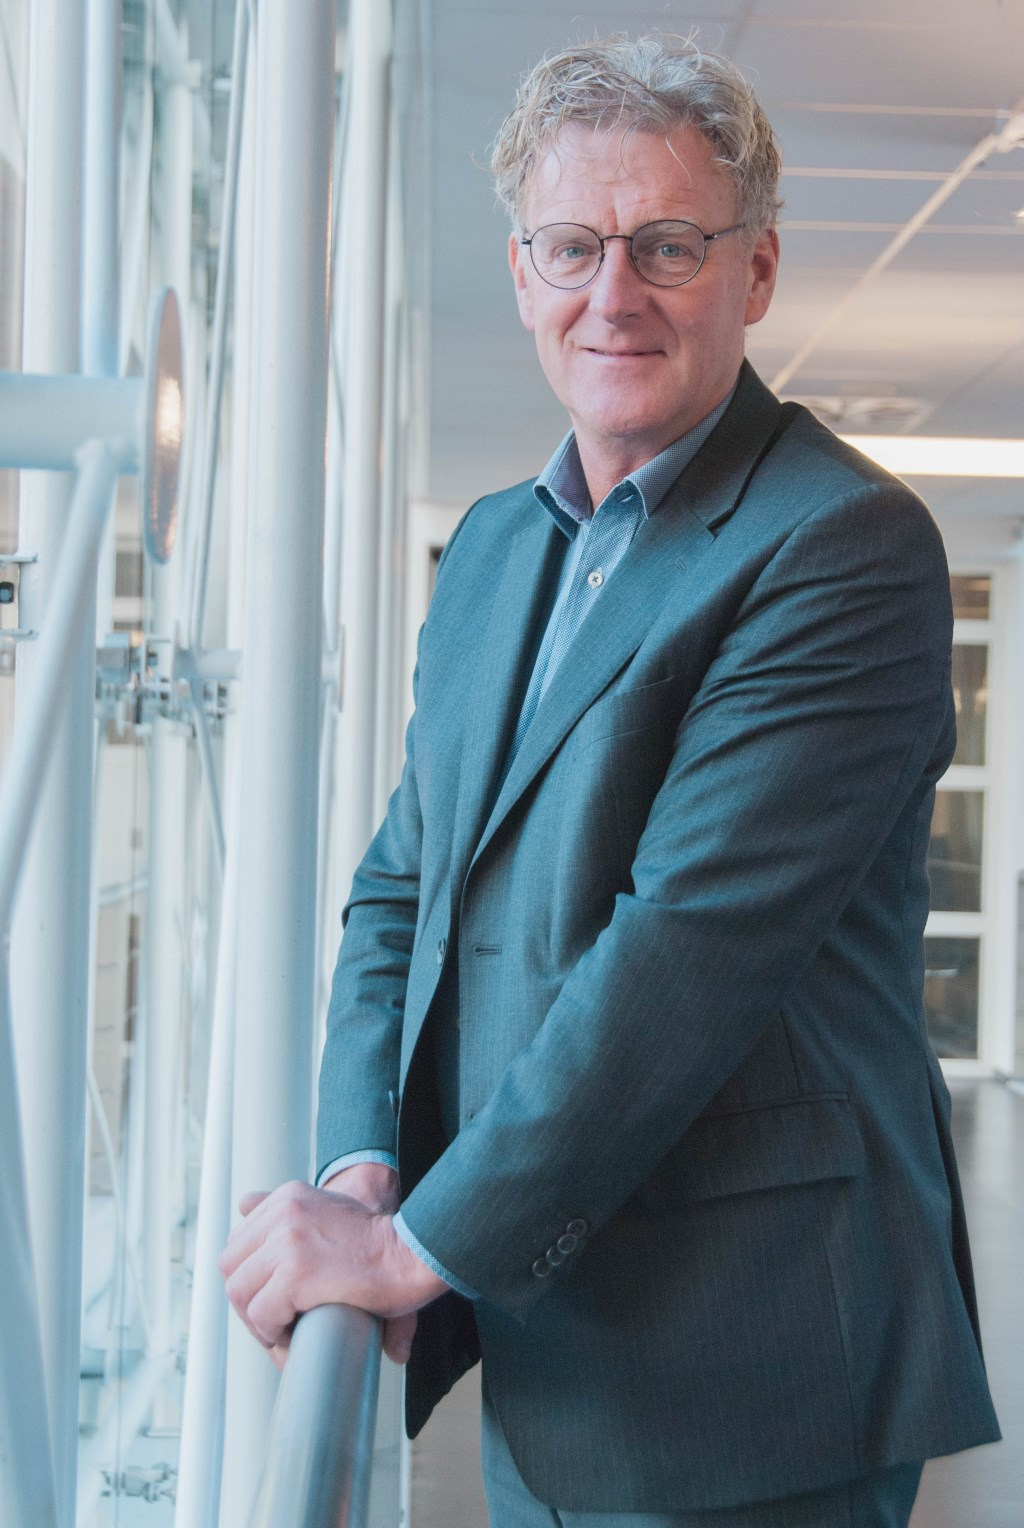 Burgemeester Oebele Brouwer van Achtkarspelen. Foto: Ingezonden © Actief Media